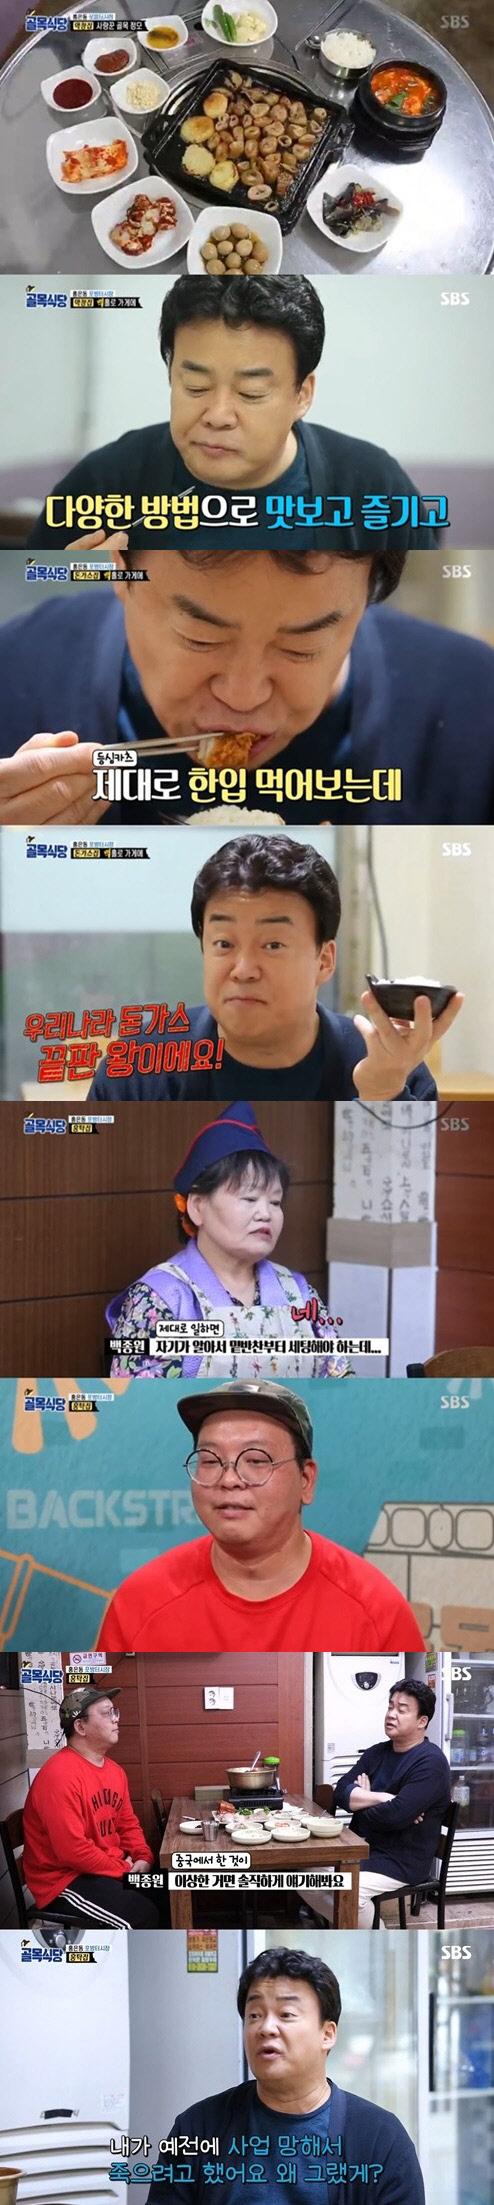 """`골목식당` 백종원, 충격 화법...""""더 망신당해야 해"""""""